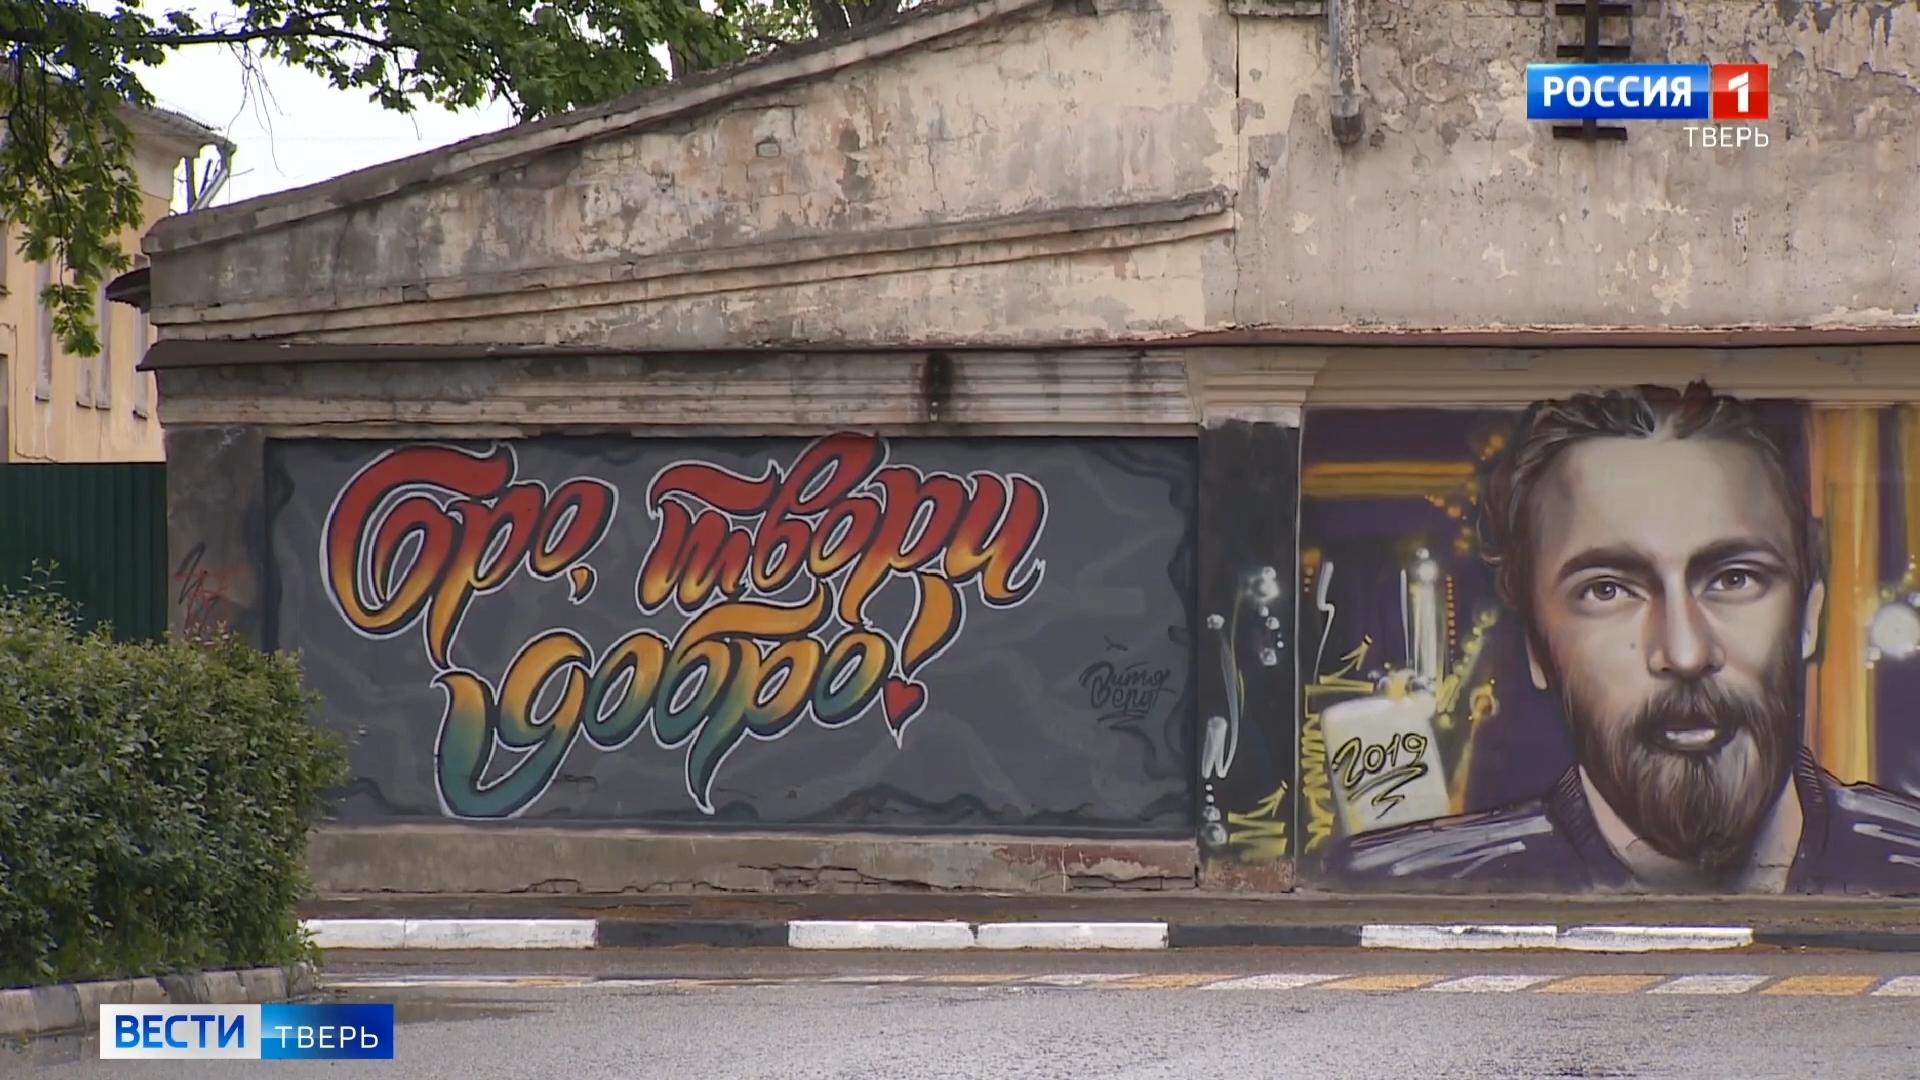 20200708_21-35-В Твери создадут новое граффити с изображением Александра Солженицына-scr18